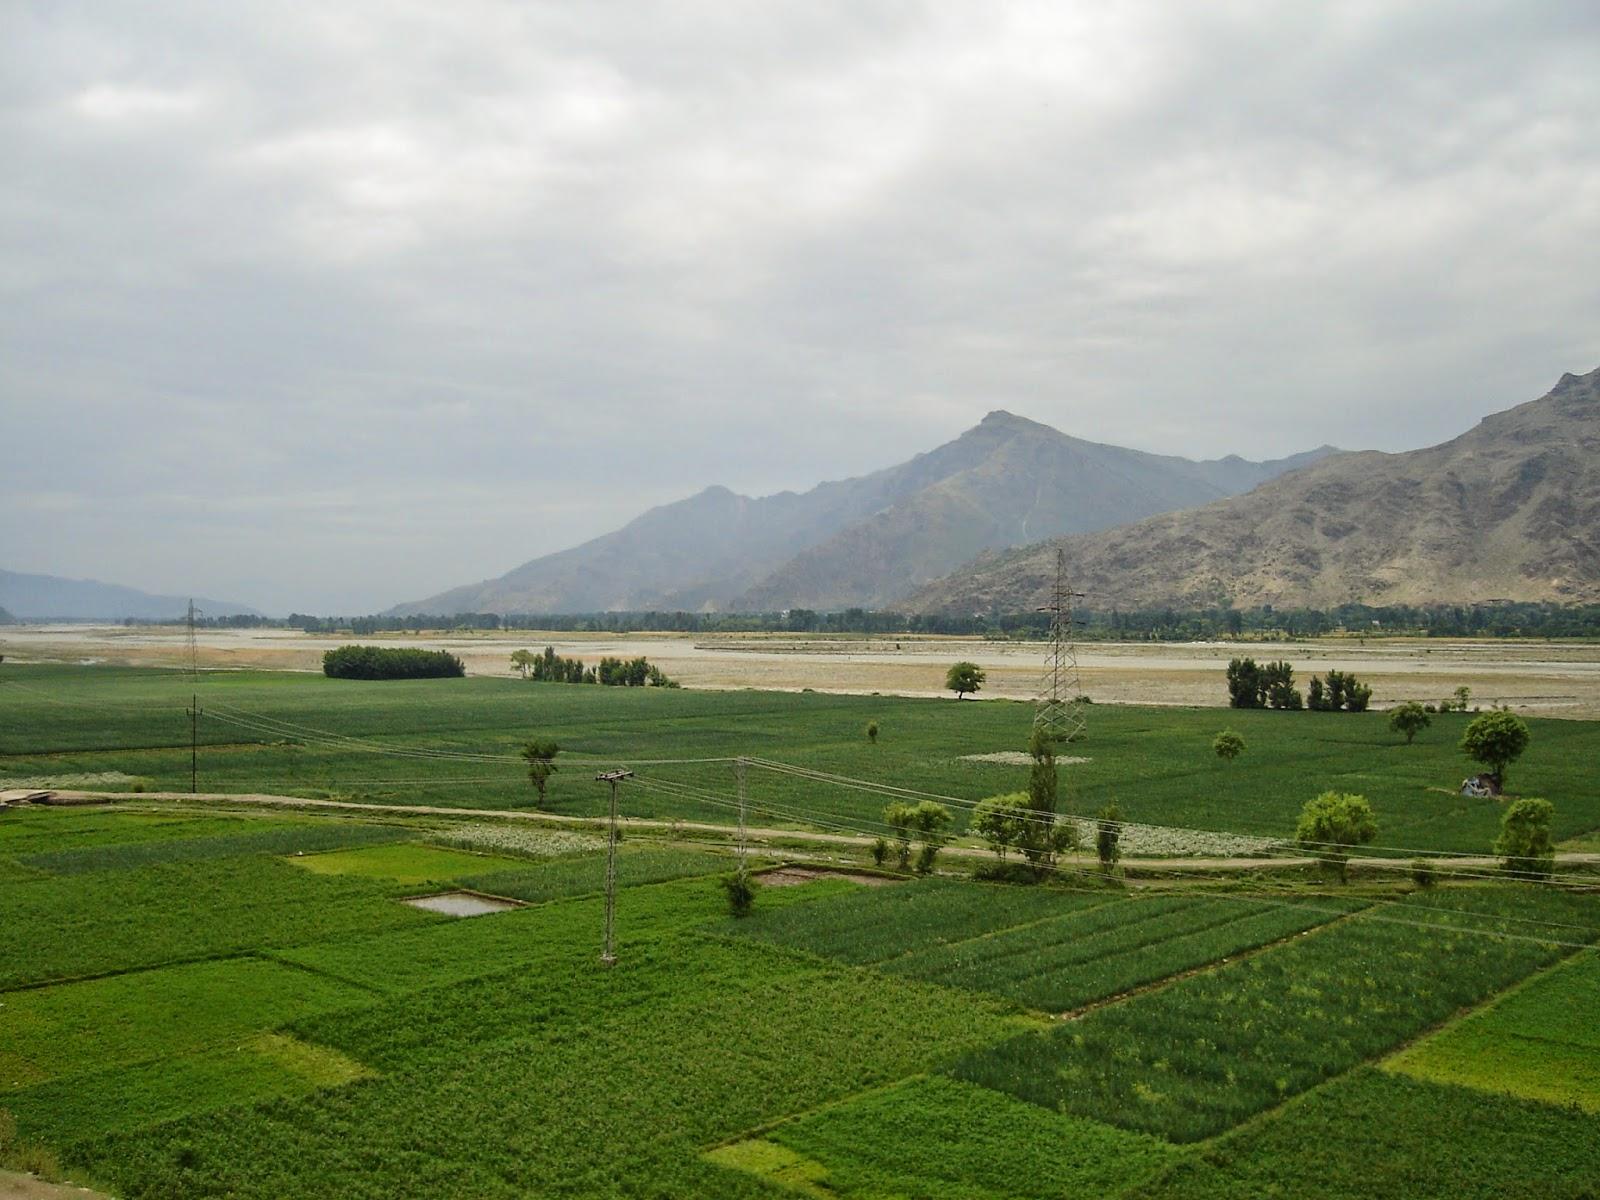 Pakistan: Life in Swat Valley | Pulitzer Center